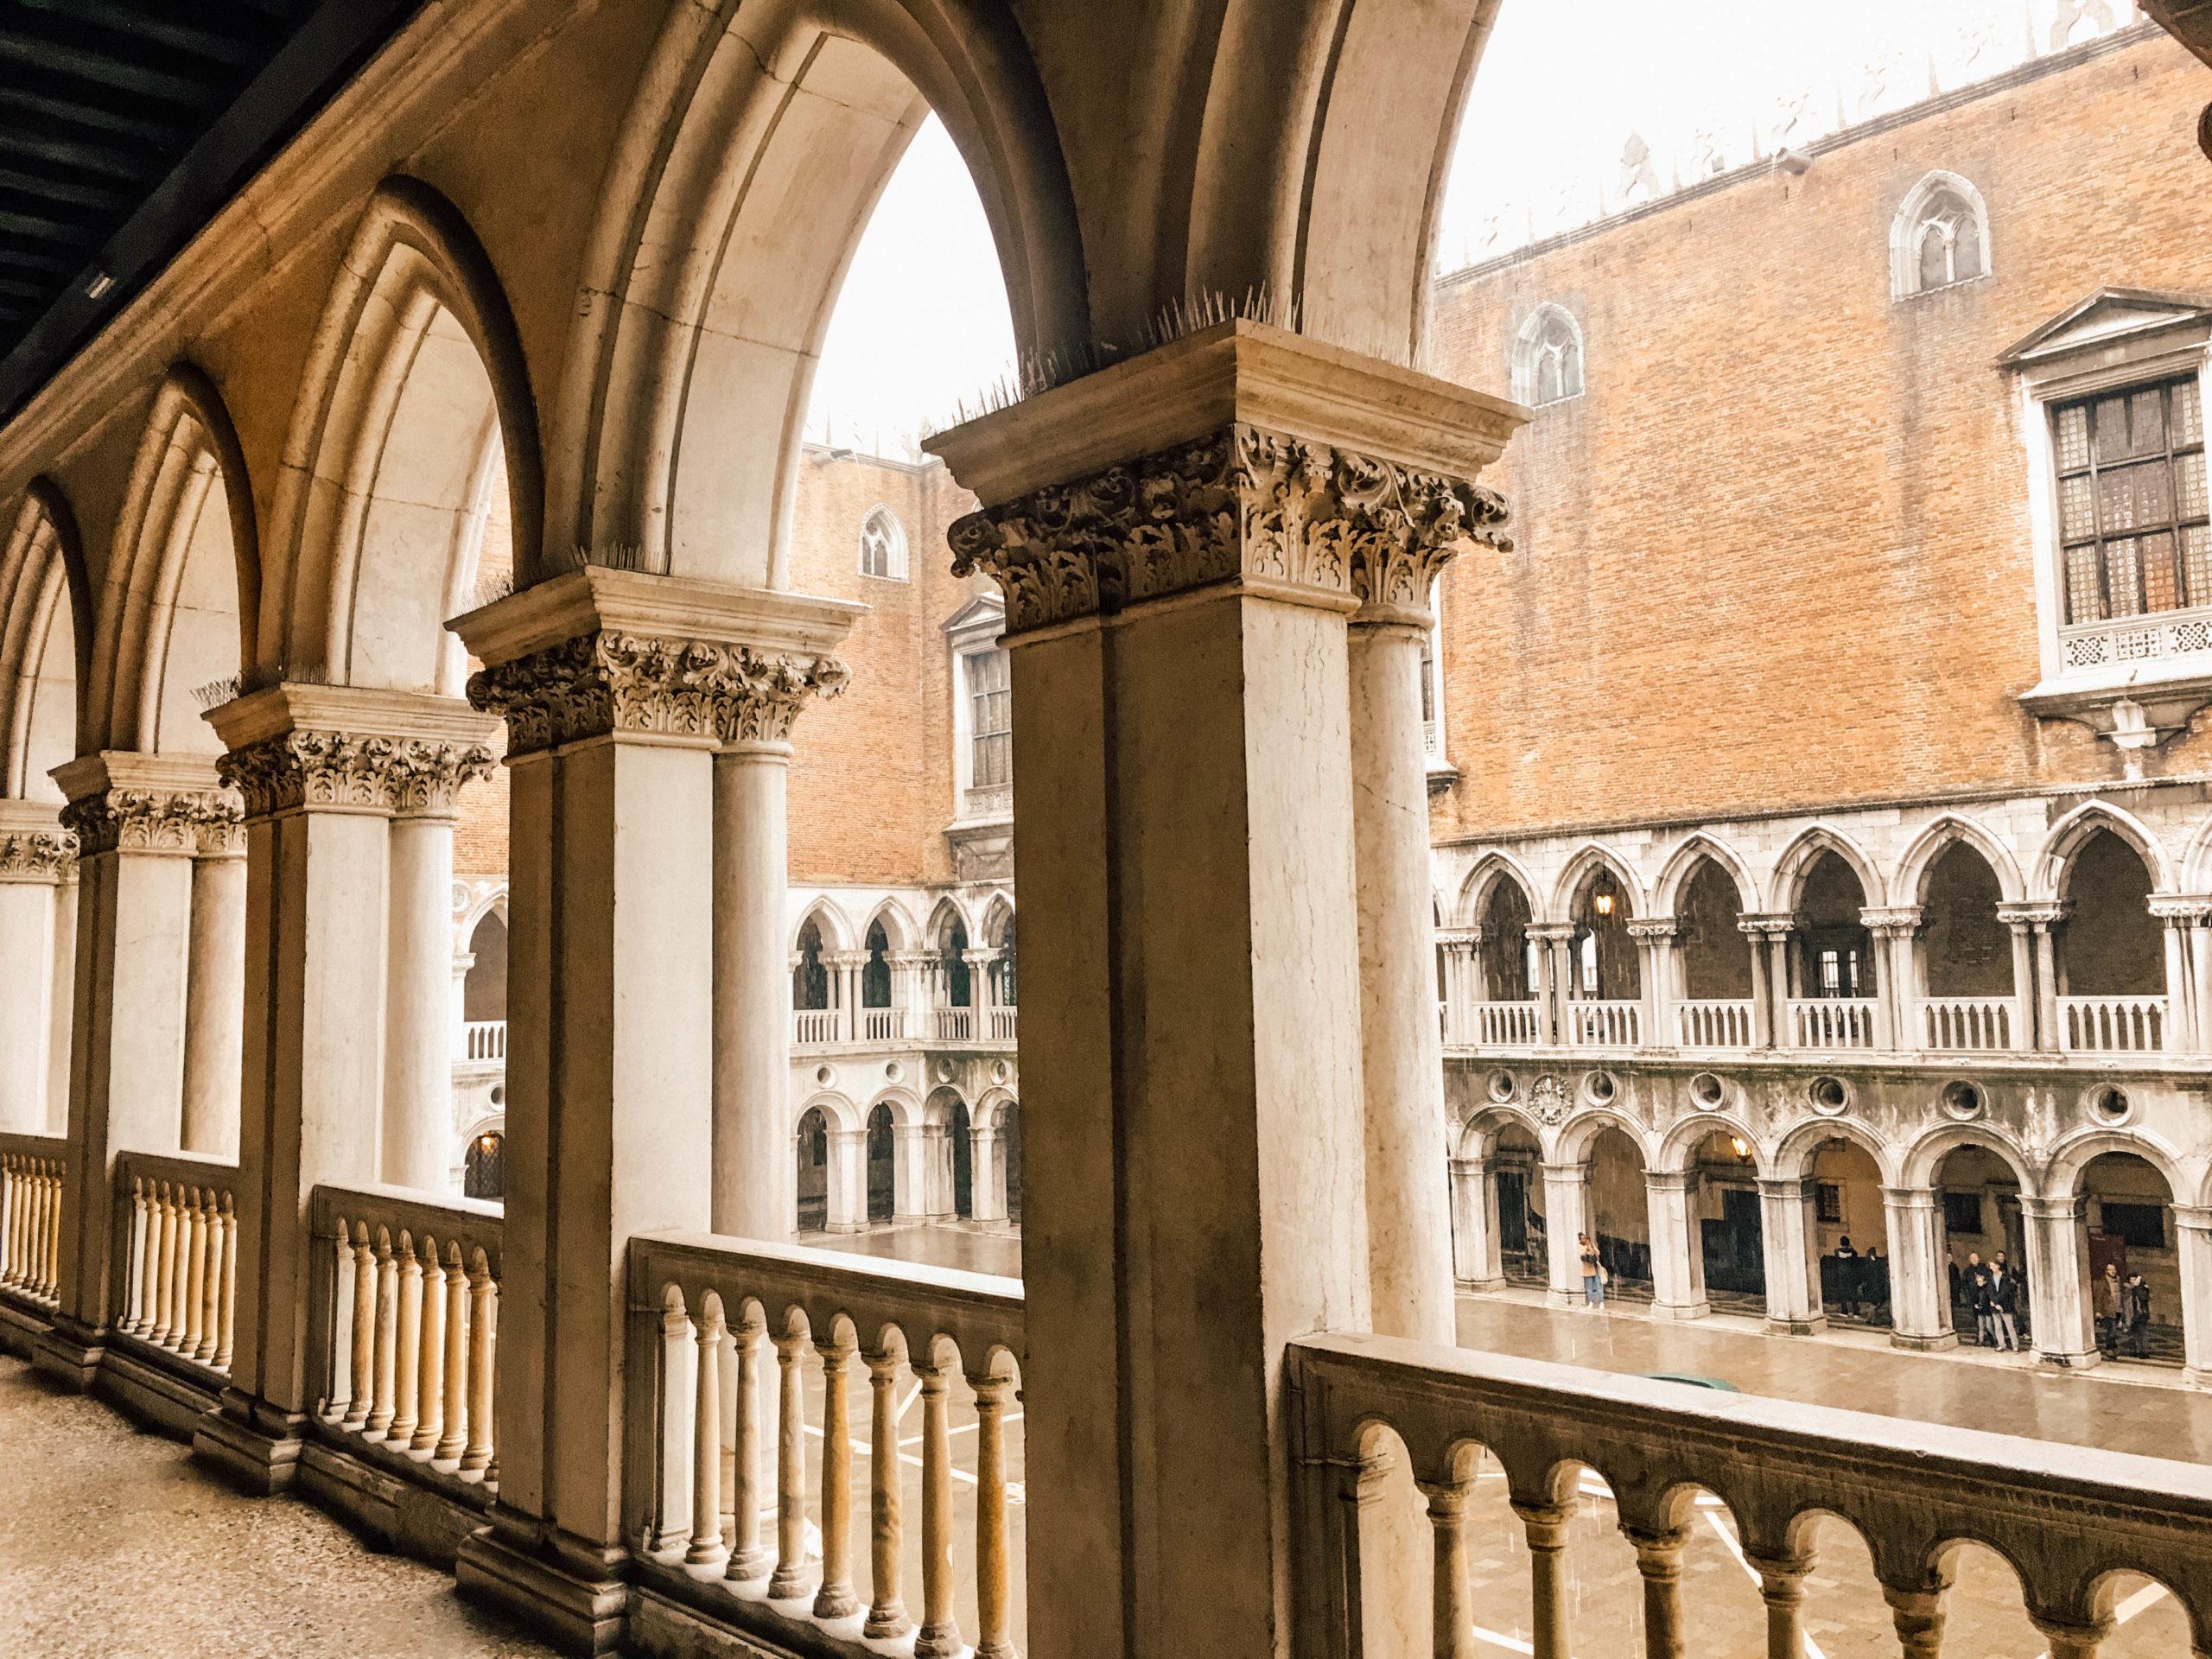 Une architecture unique mêlant influences gothique et renaissance